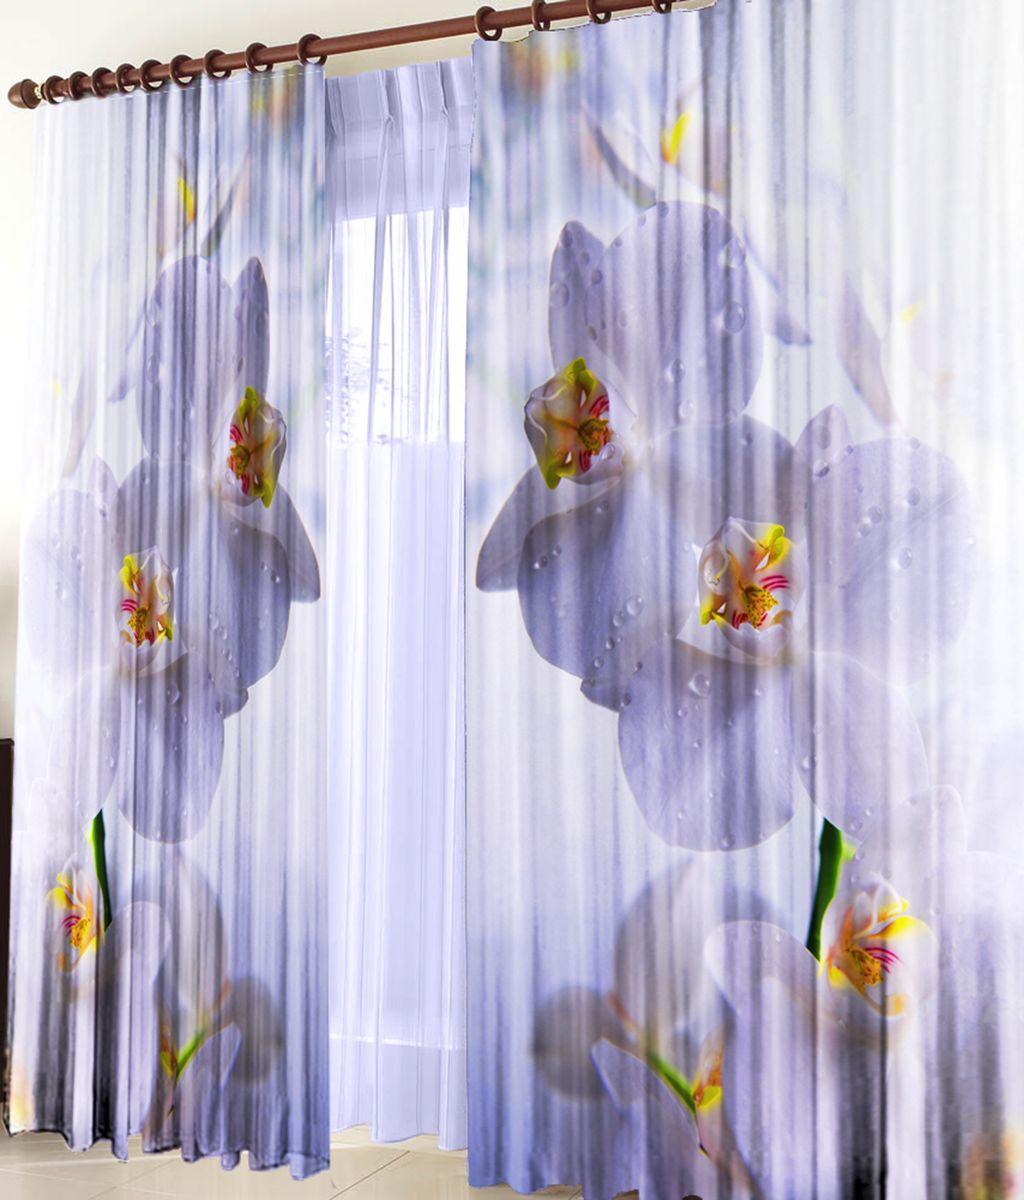 Комплект фотоштор Zlata Korunka Белая орхидея, на ленте, высота 270 см21006Для производства используется габардиновая ткань высочайшего качества. Фотошторы способны не пропускать самый яркий свет, их можно гладить и стирать. Уход: Бережная стирка при 30 градусах, деликатный отжим, отбеливание запрещено, гладить при t не более 150С. Светопоглощение 70%. Плотность ткани - 150 г/м2. Размер: шир. 150 х выс.270.х2 . Оттенок изделия может отличаться от представленного на сайте в силу особенностей цветопередачи фототехники и Вашего монитора.